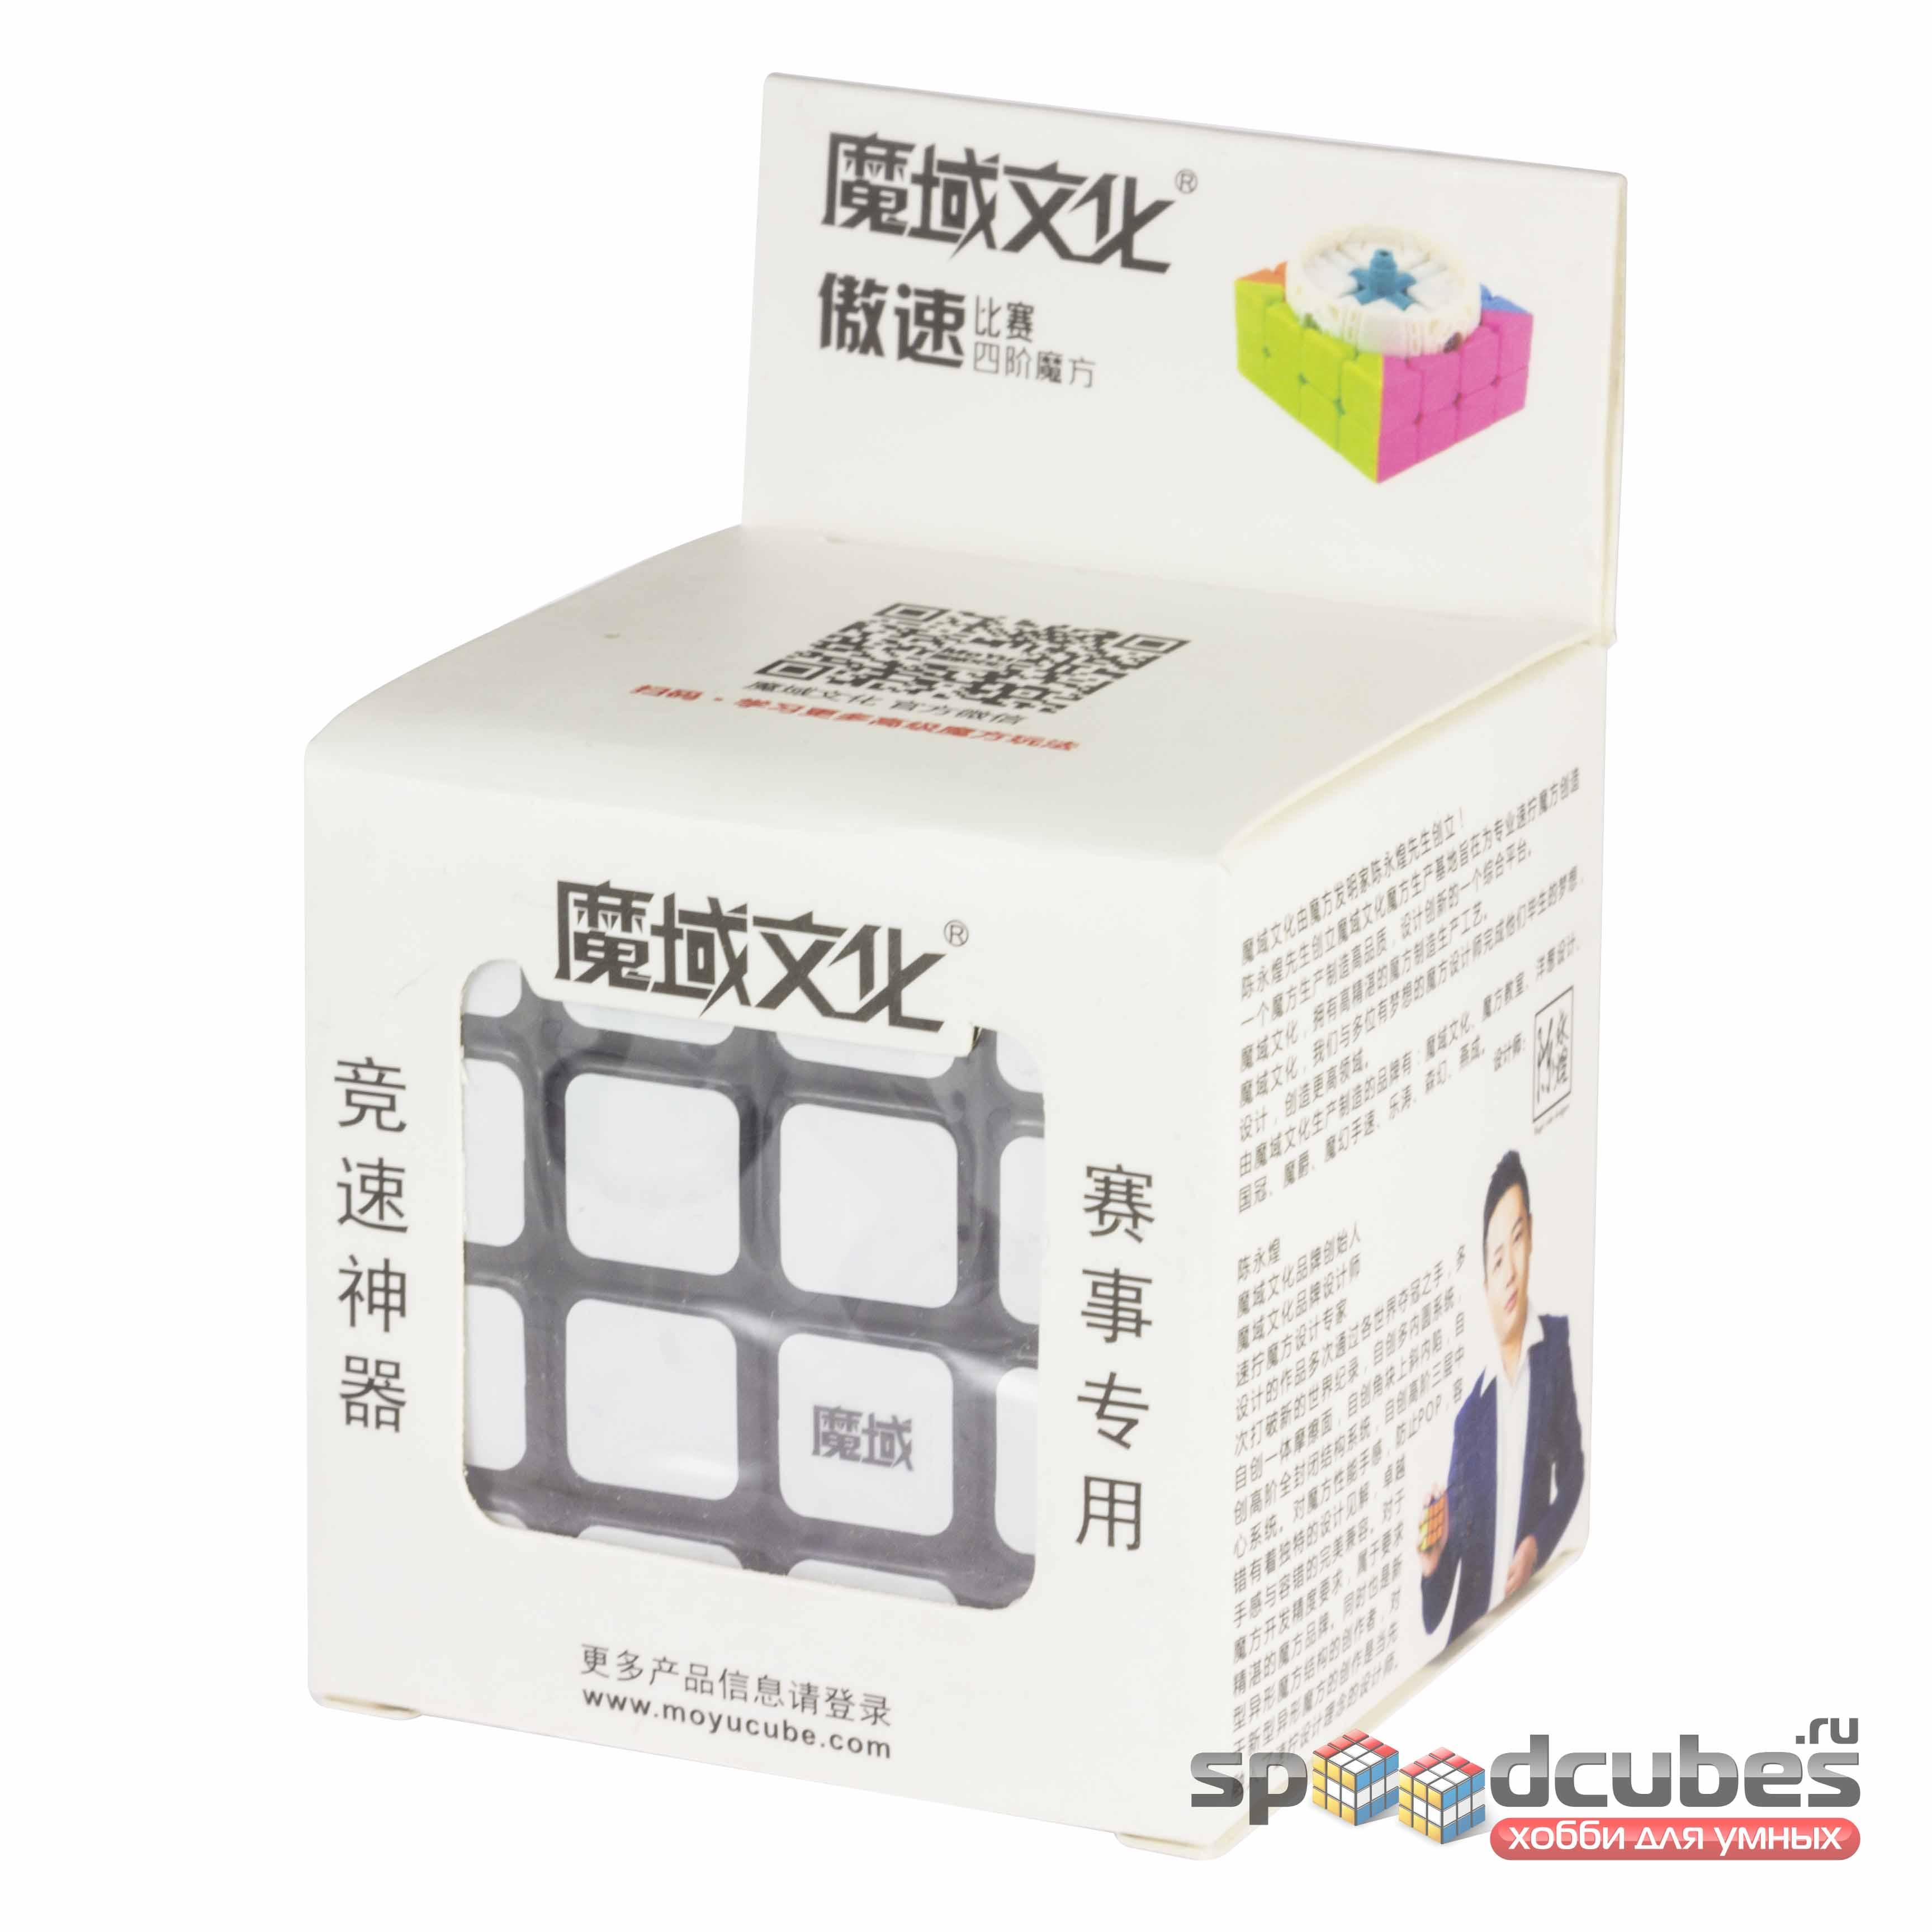 MoYu 4x4x4 Aosu 1